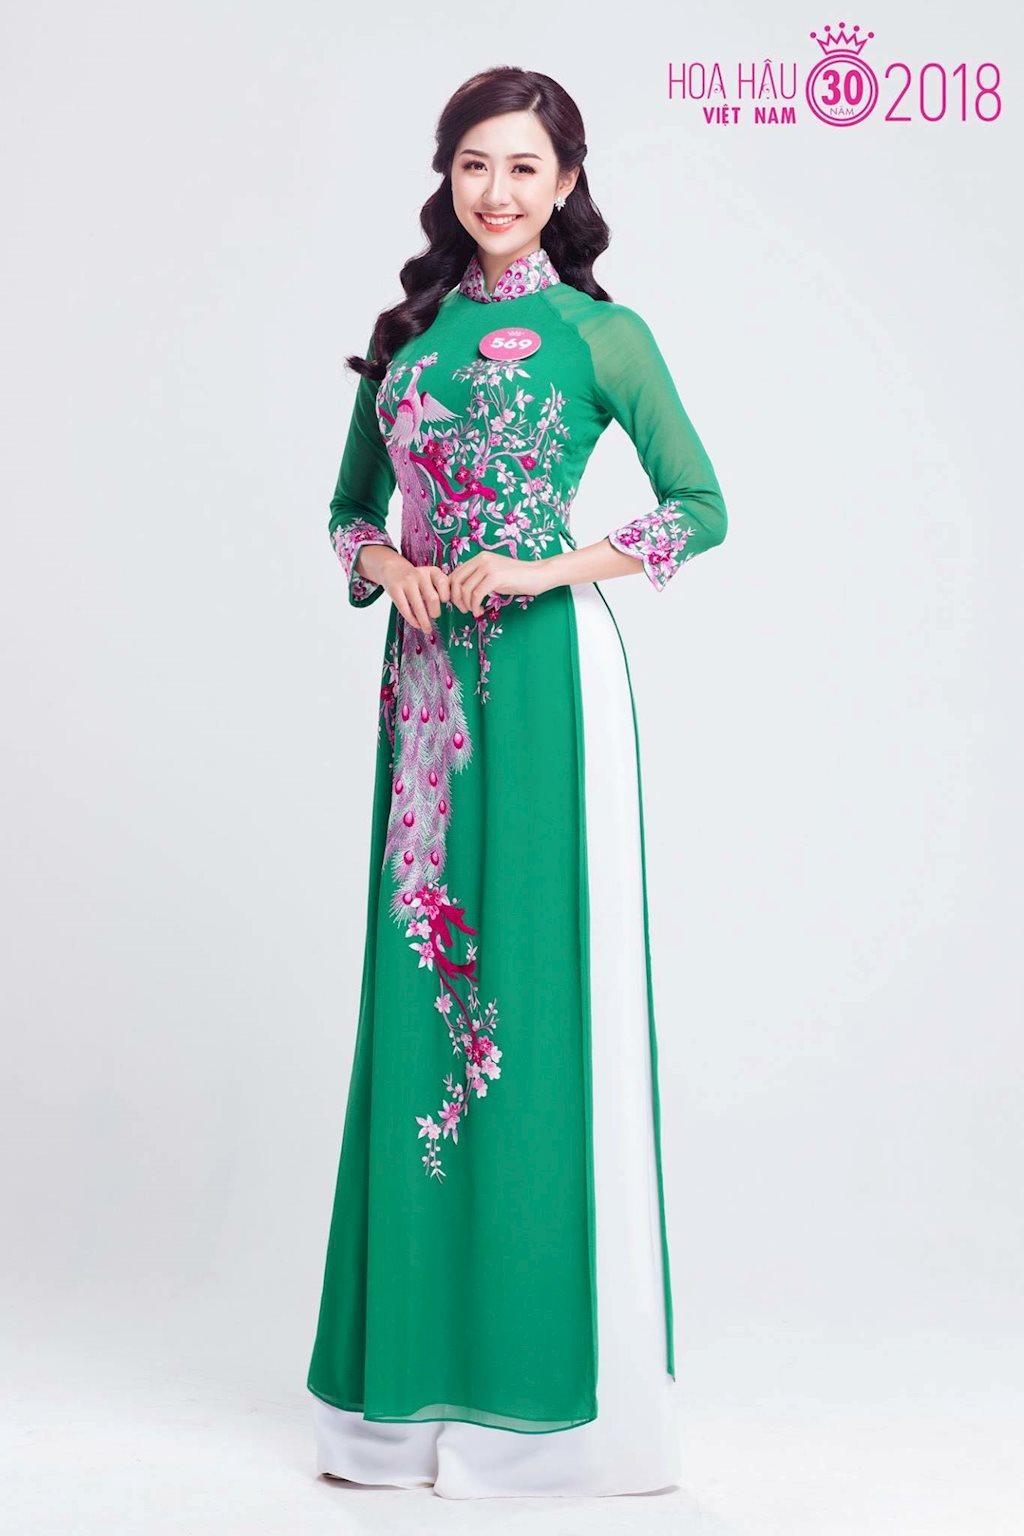 Cô nàng Phạm Ngọc Linh ứng cử viên nặng kí Hoa hậu VN